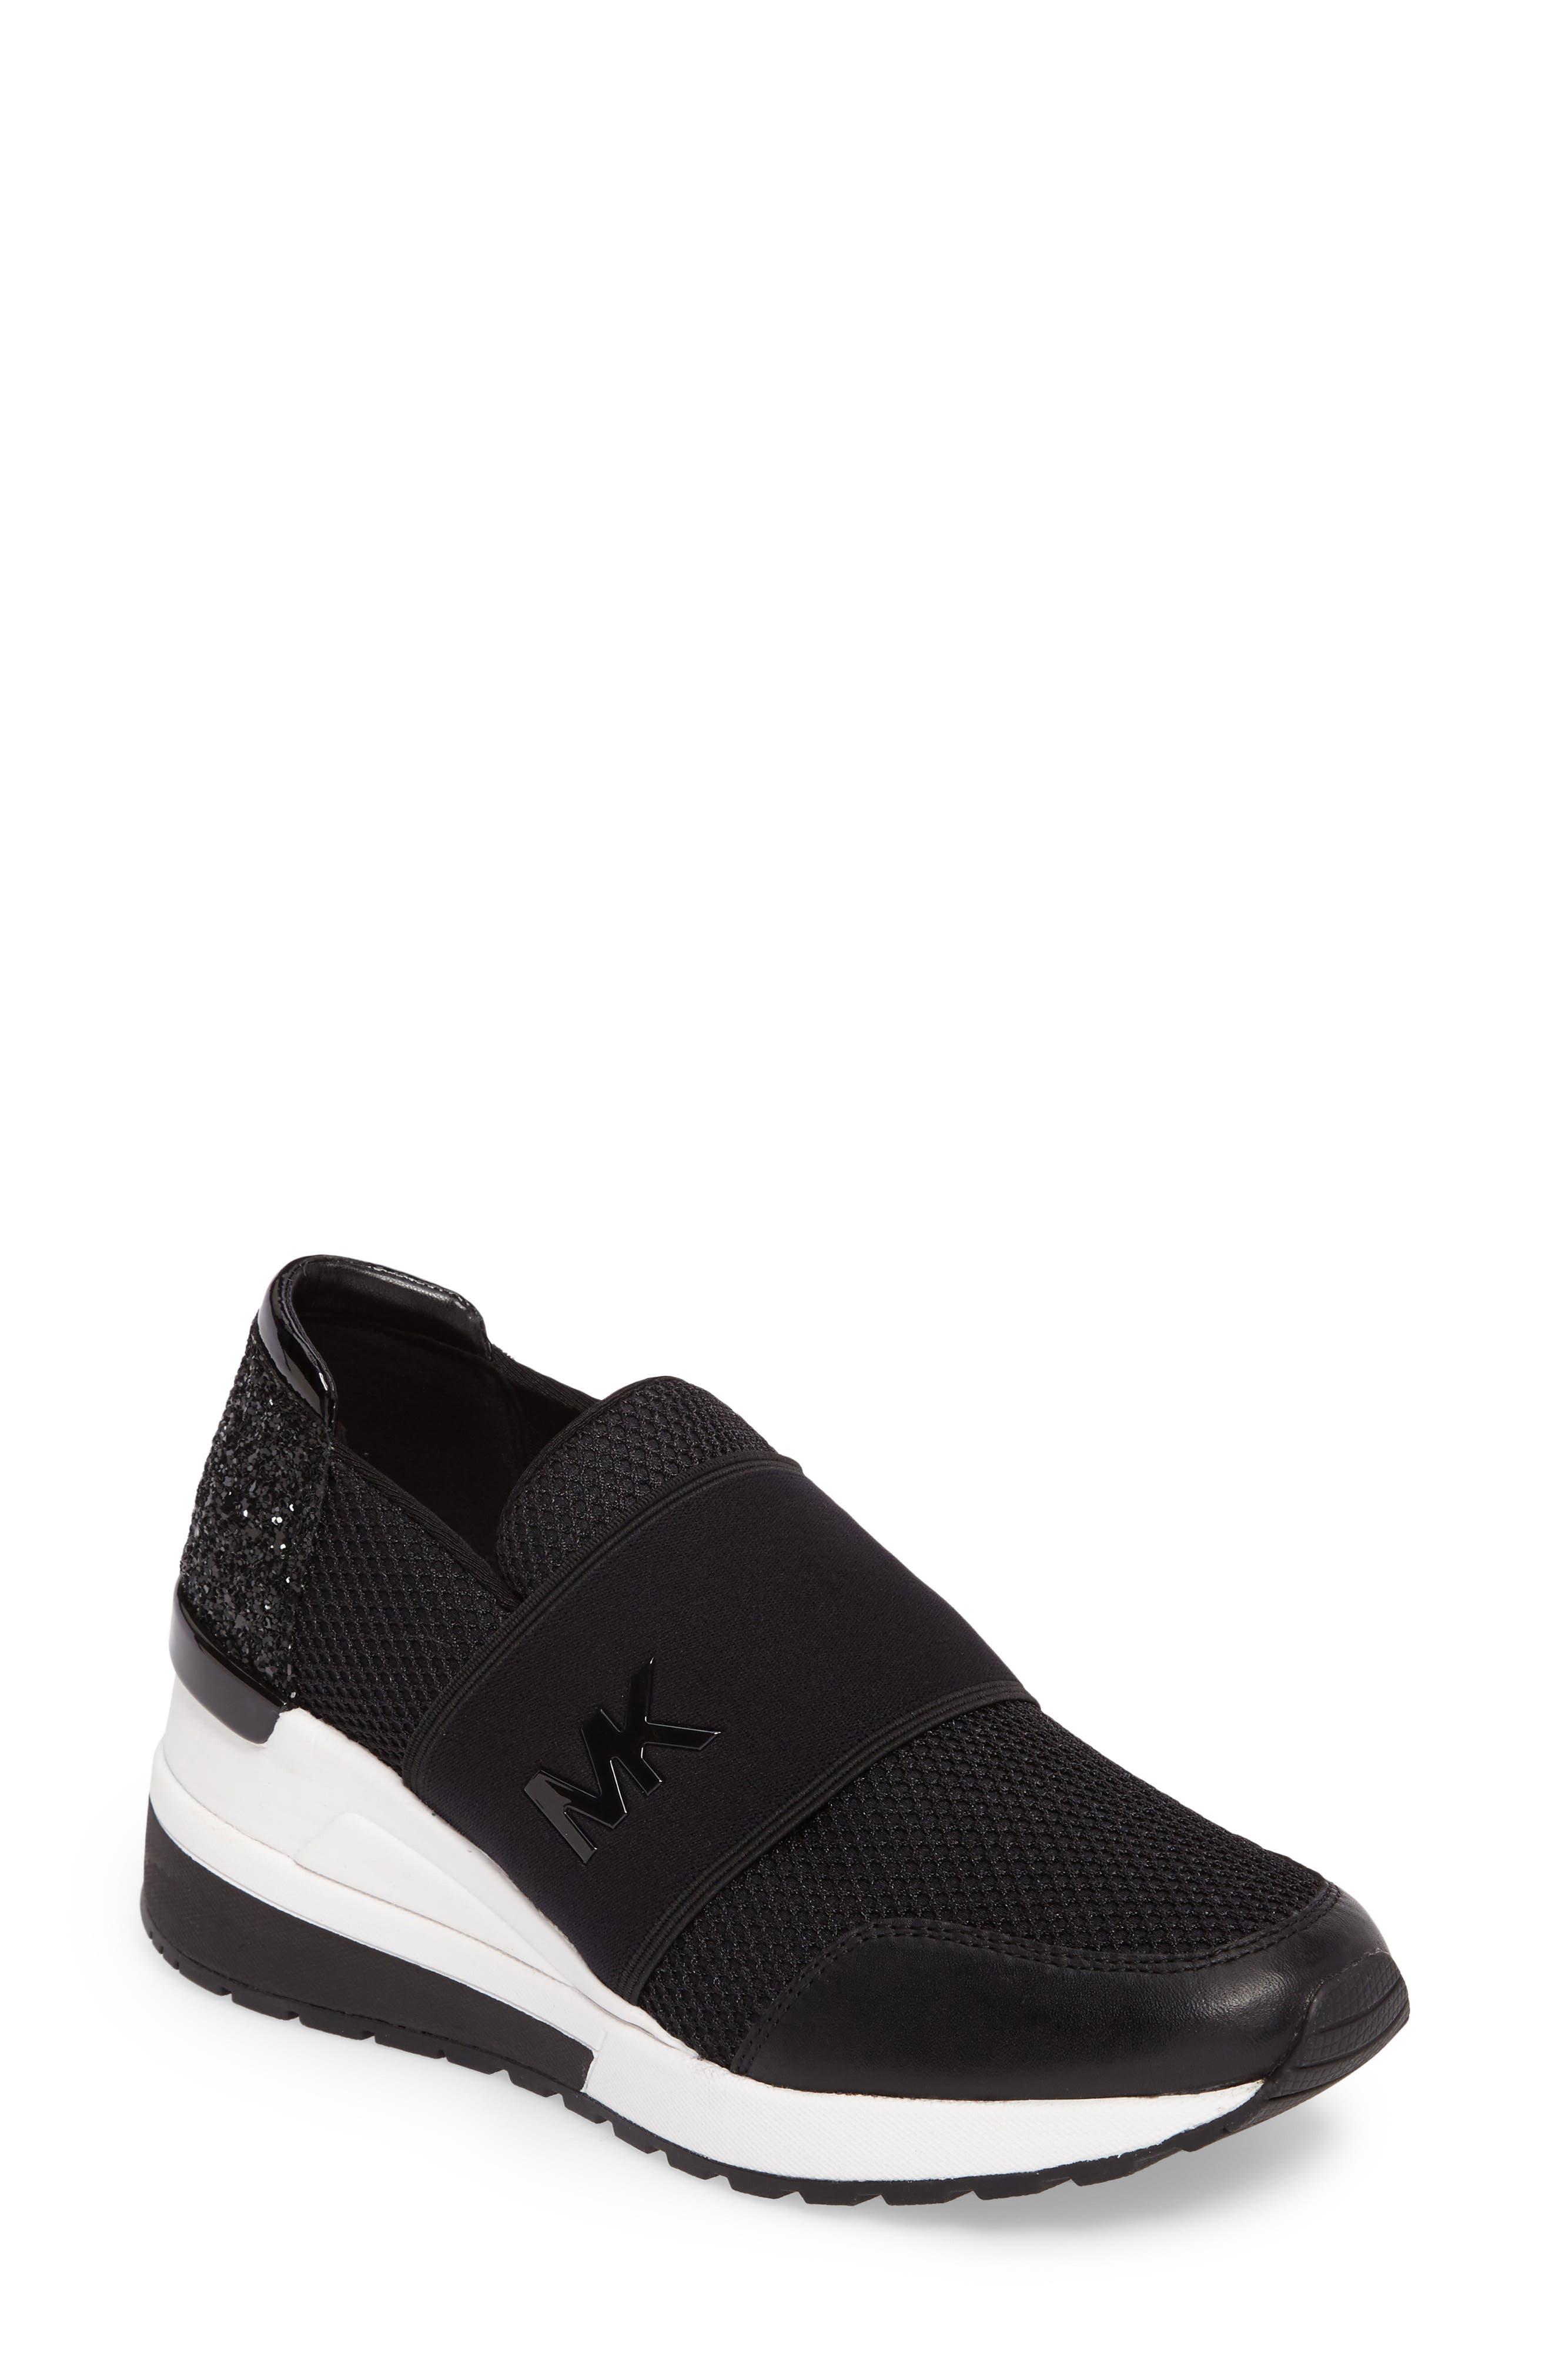 Alternate Image 1 Selected - MICHAEL Michael Kors Felix Slip-On Glitter Sneaker (Women)